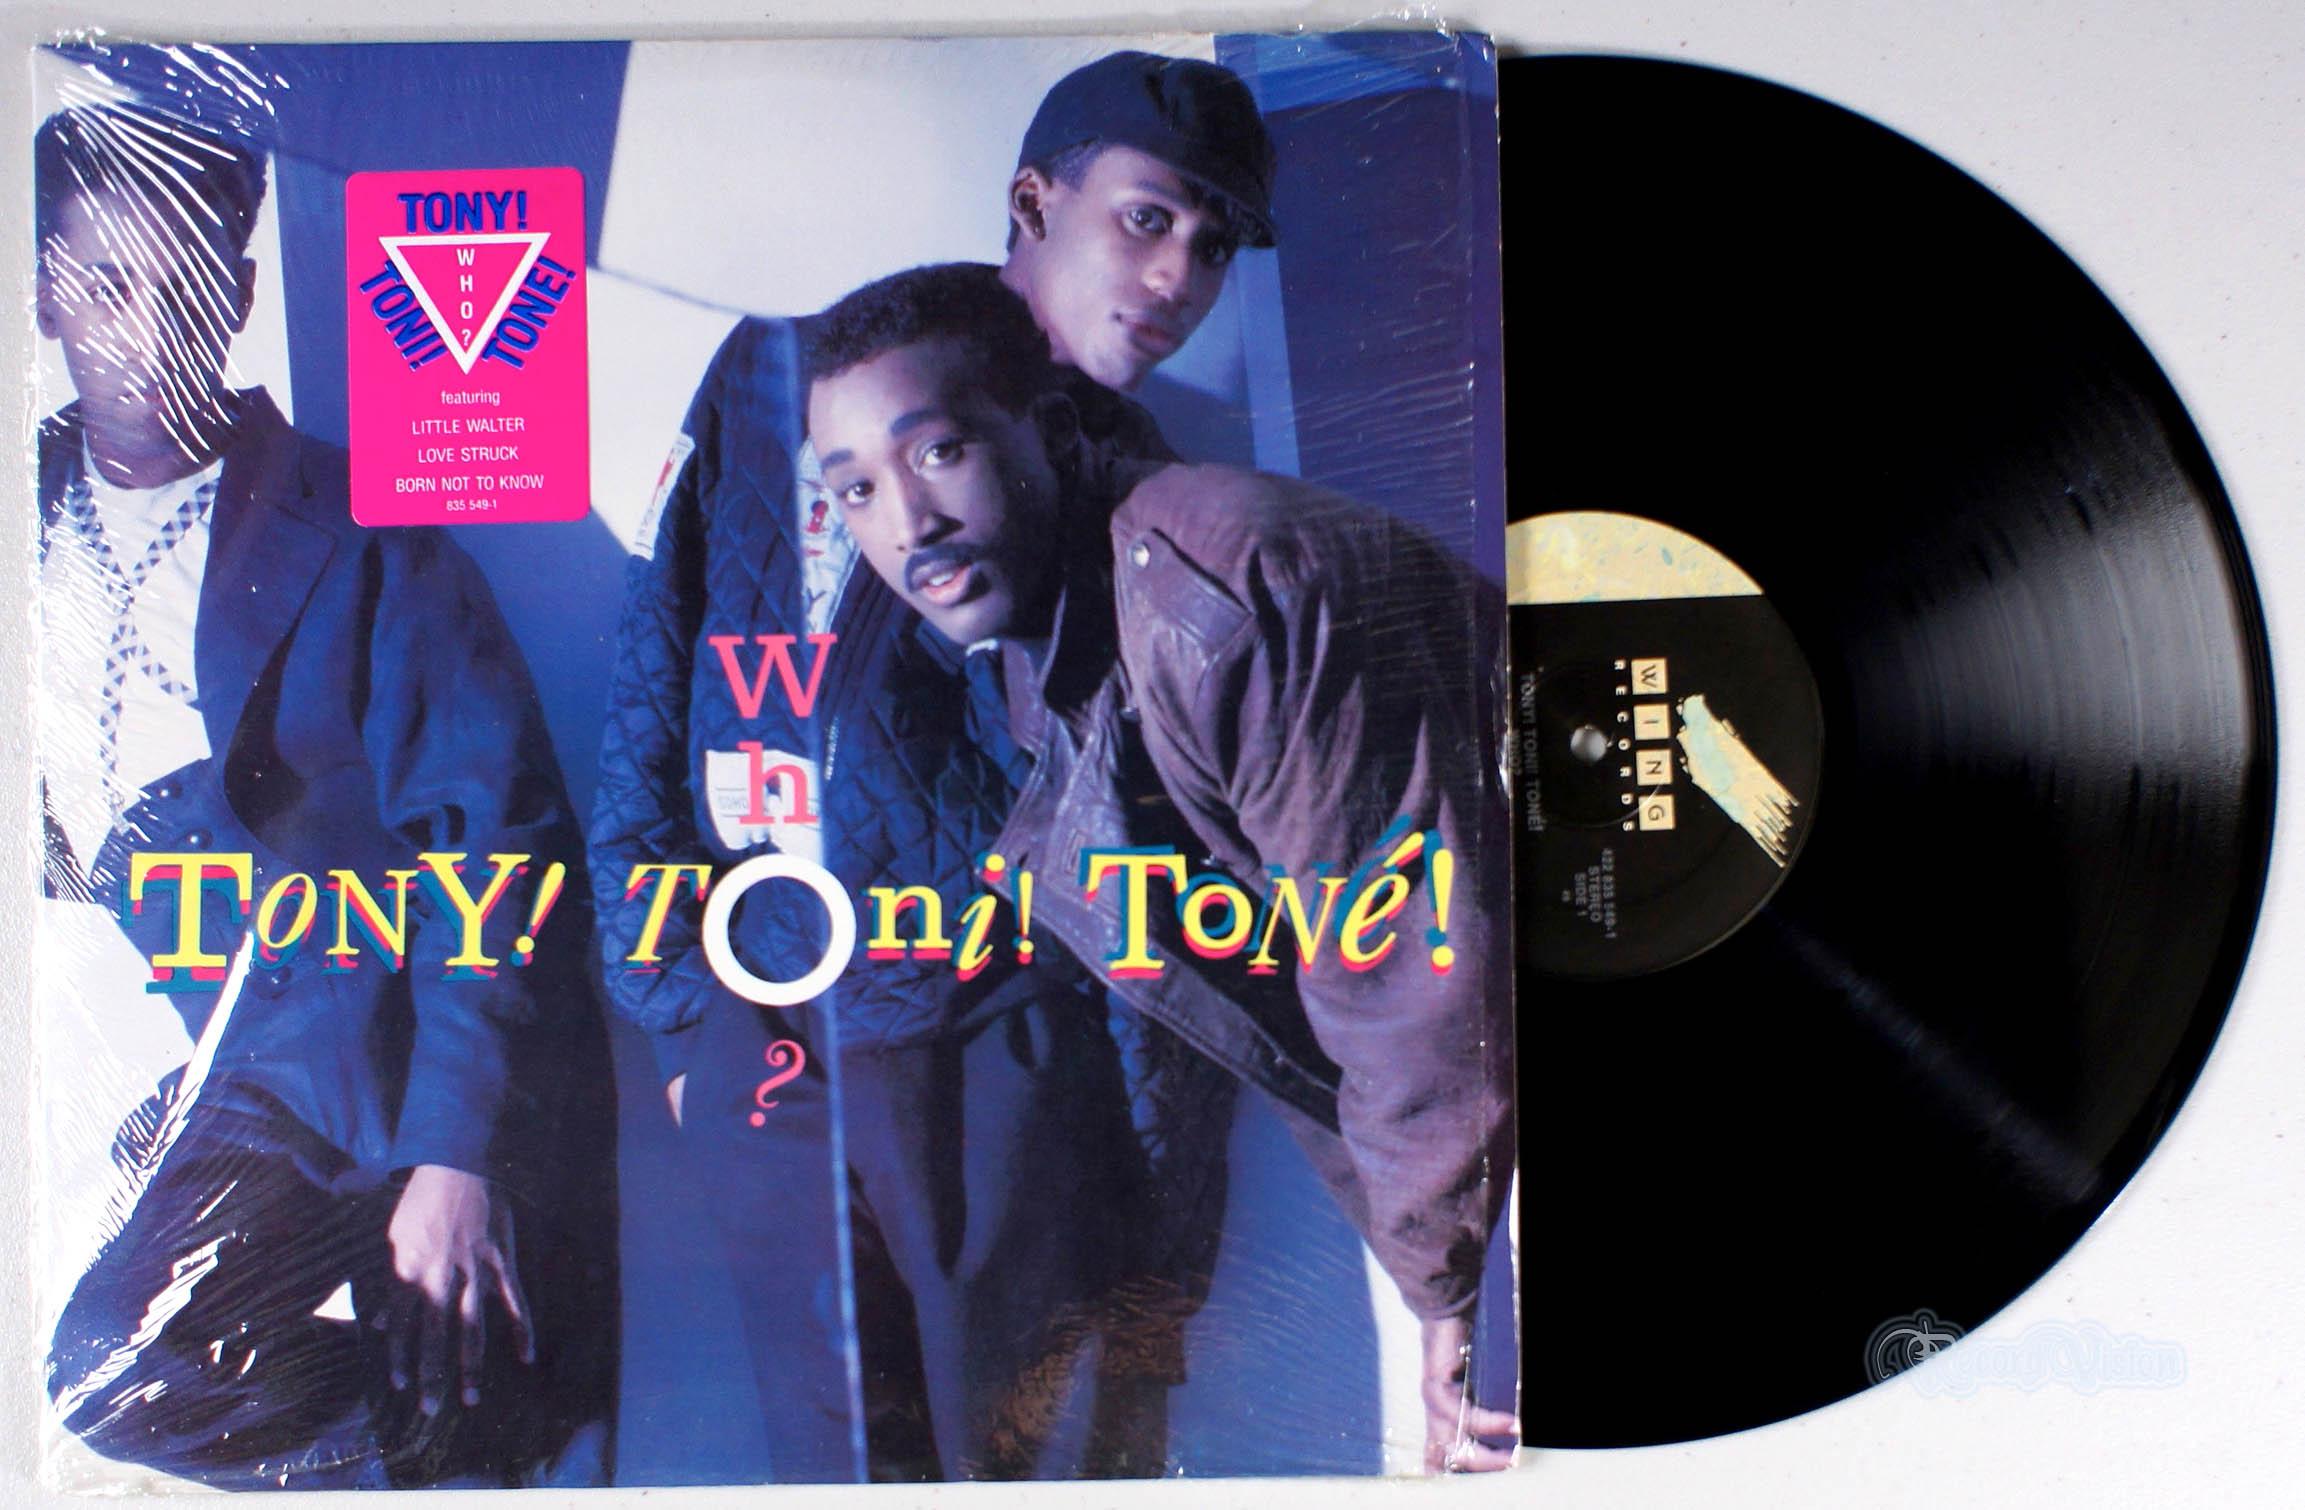 TONY! TONI! TONÉ! - Who? - 33T